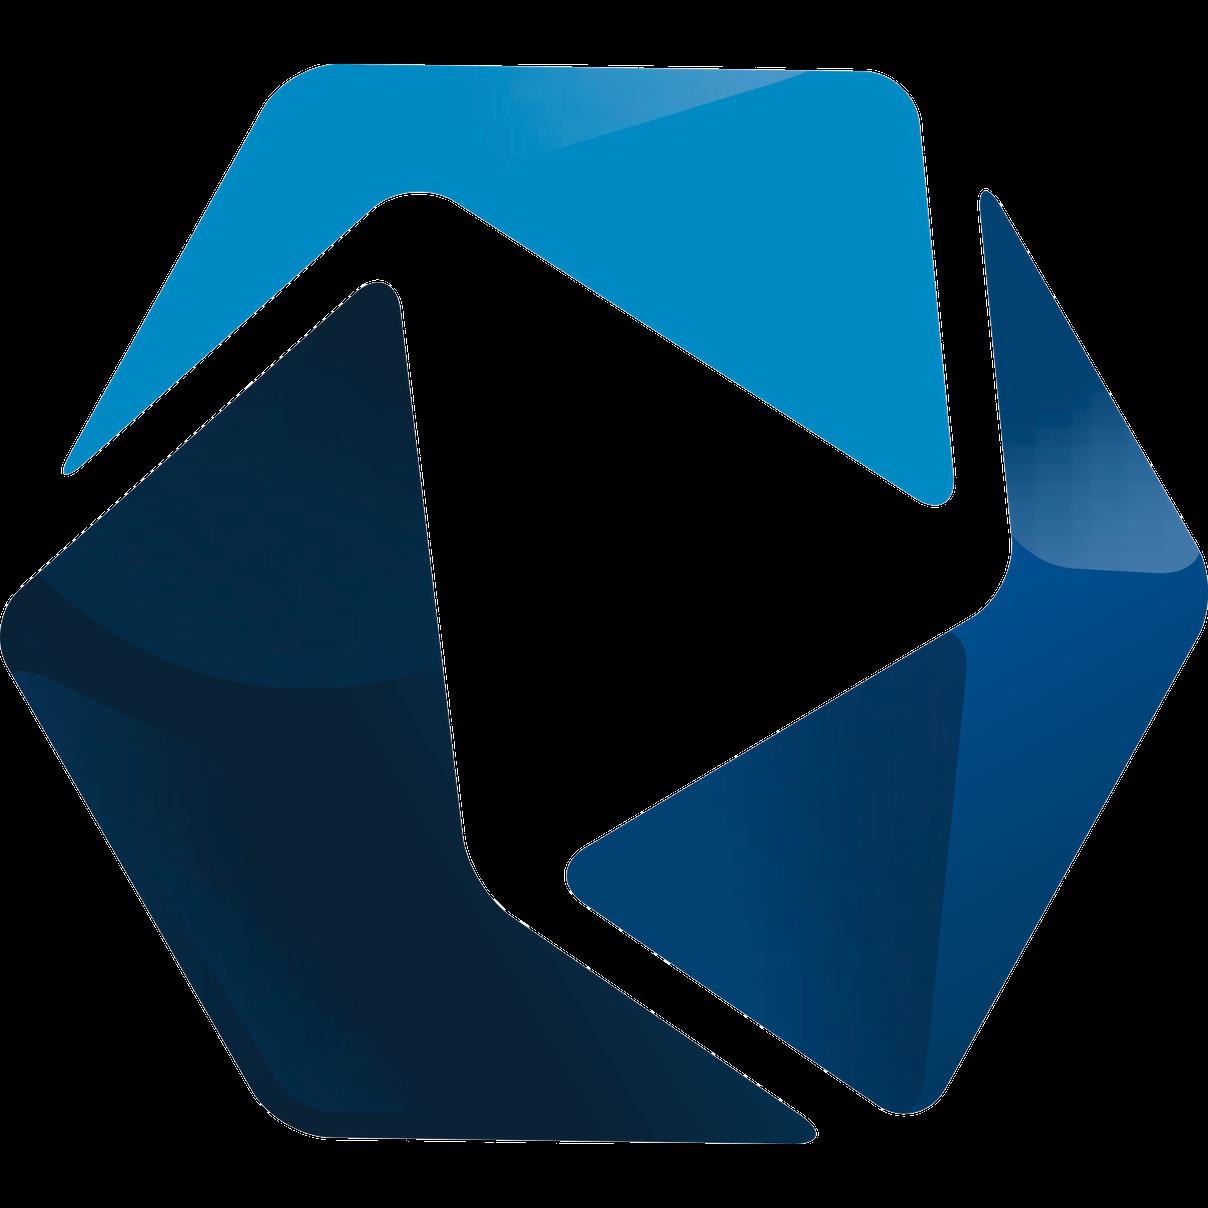 1208x1208 Icosahedron.png